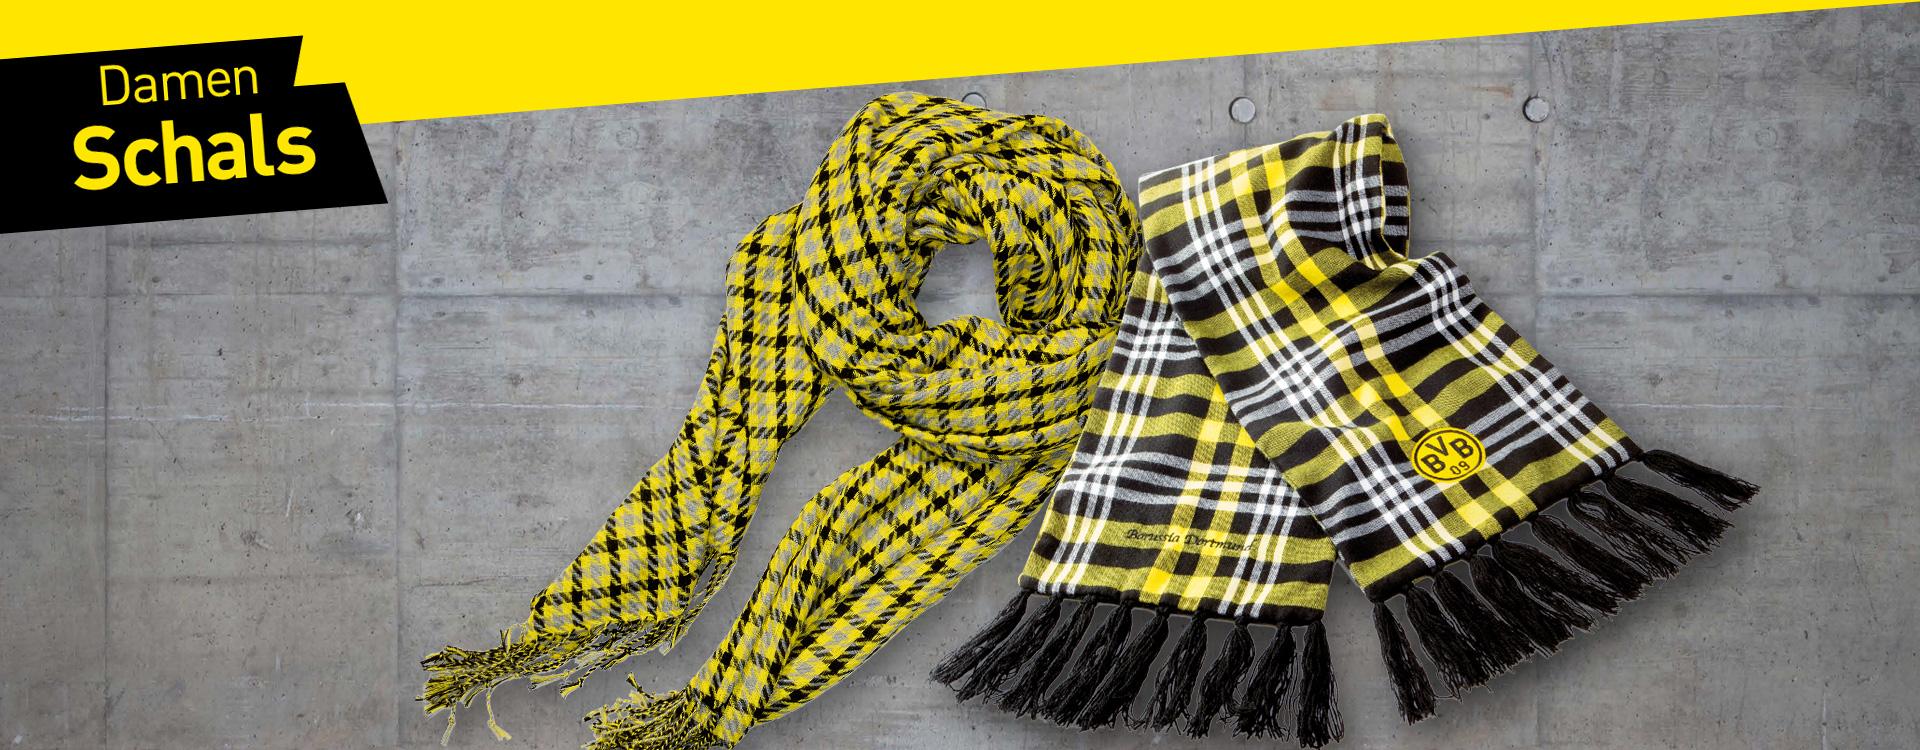 Kategorie-Damen-Schals